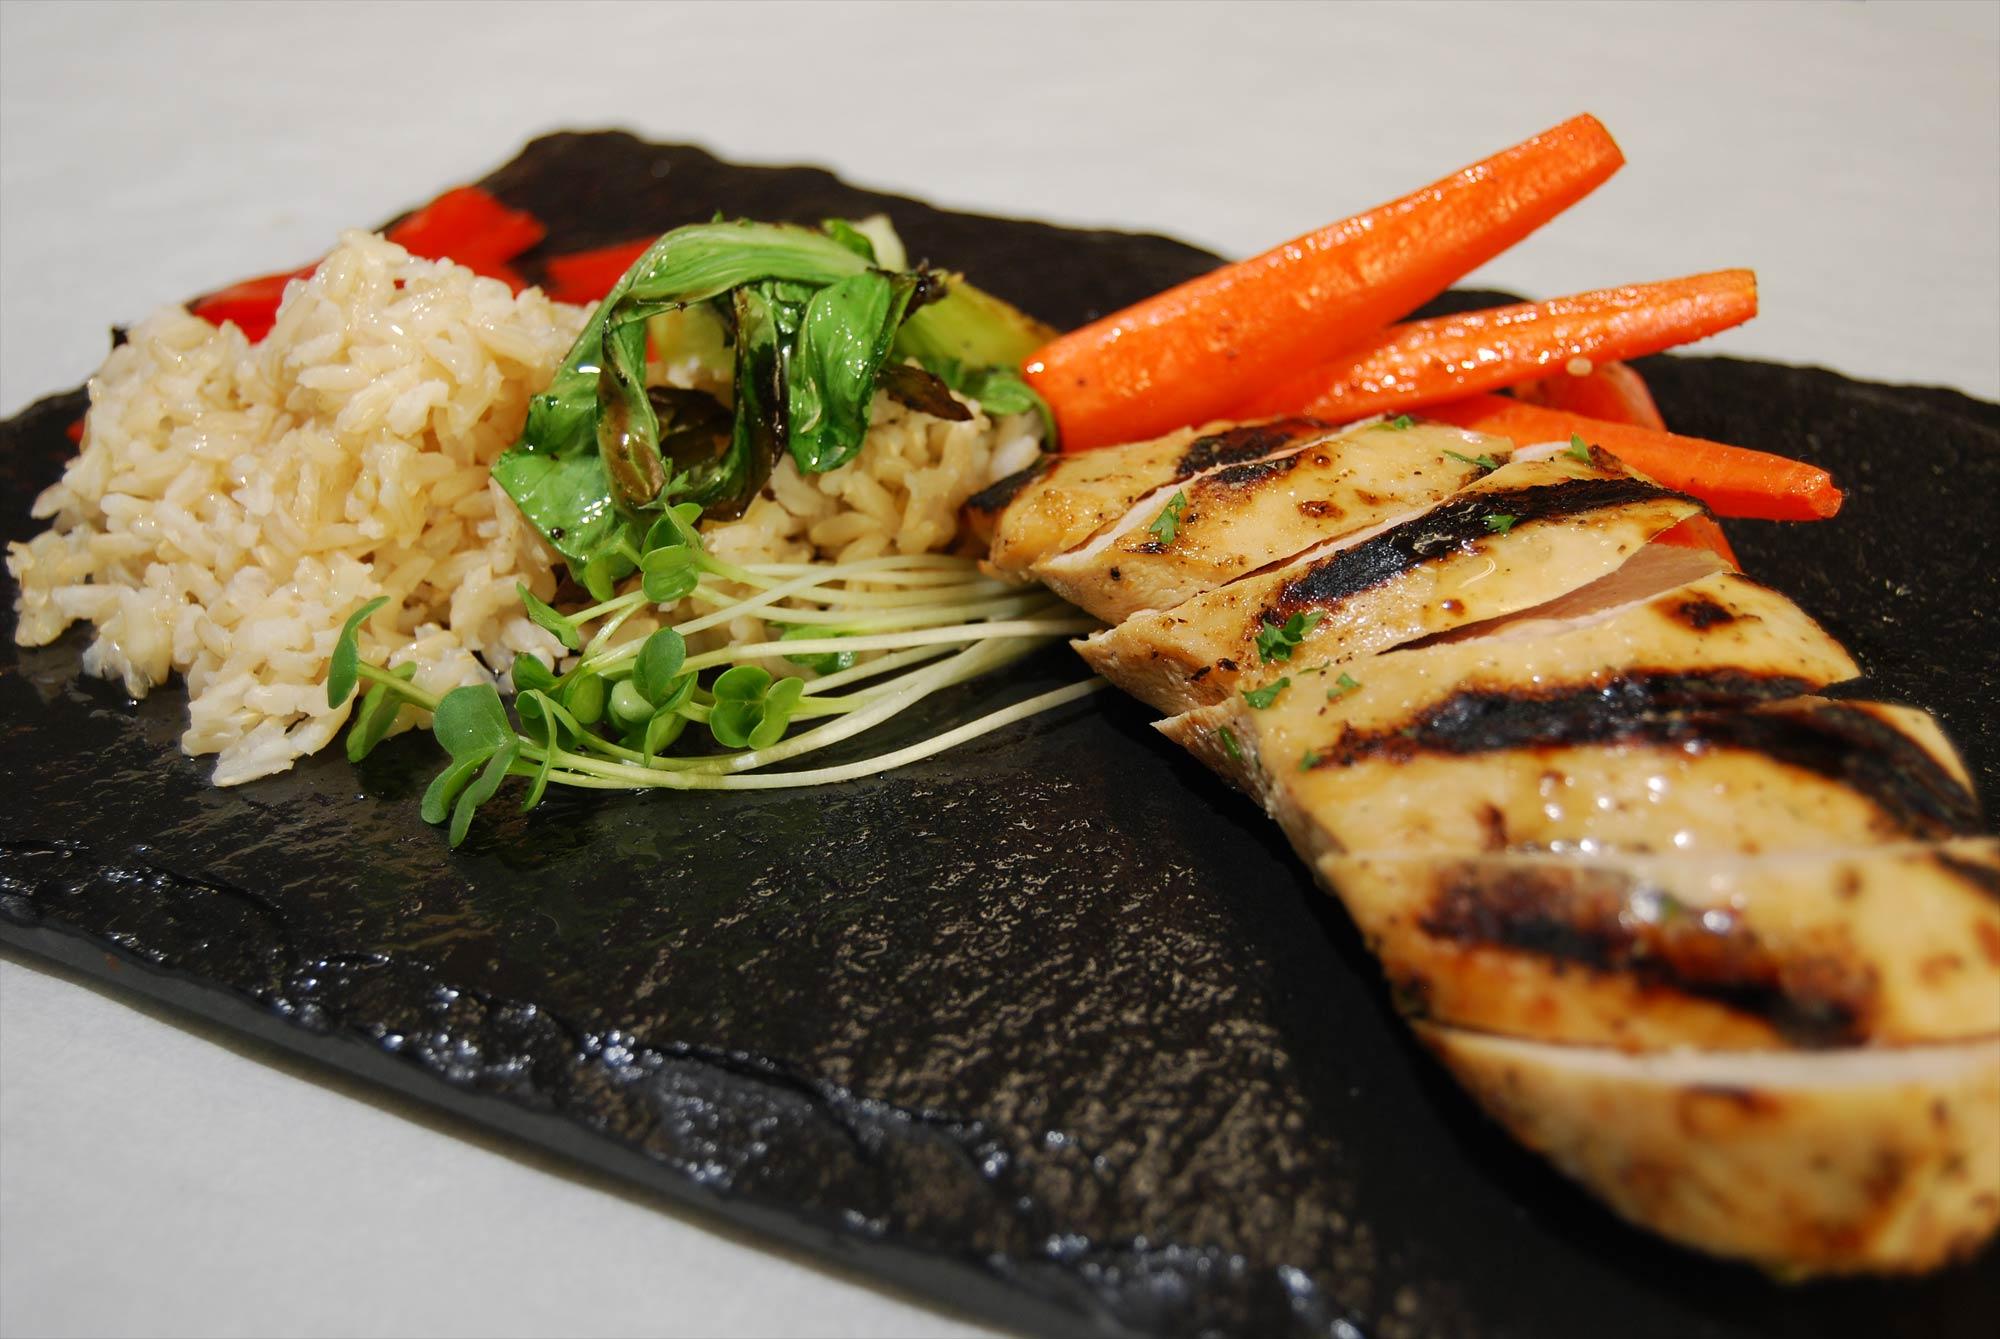 Chicken & rice